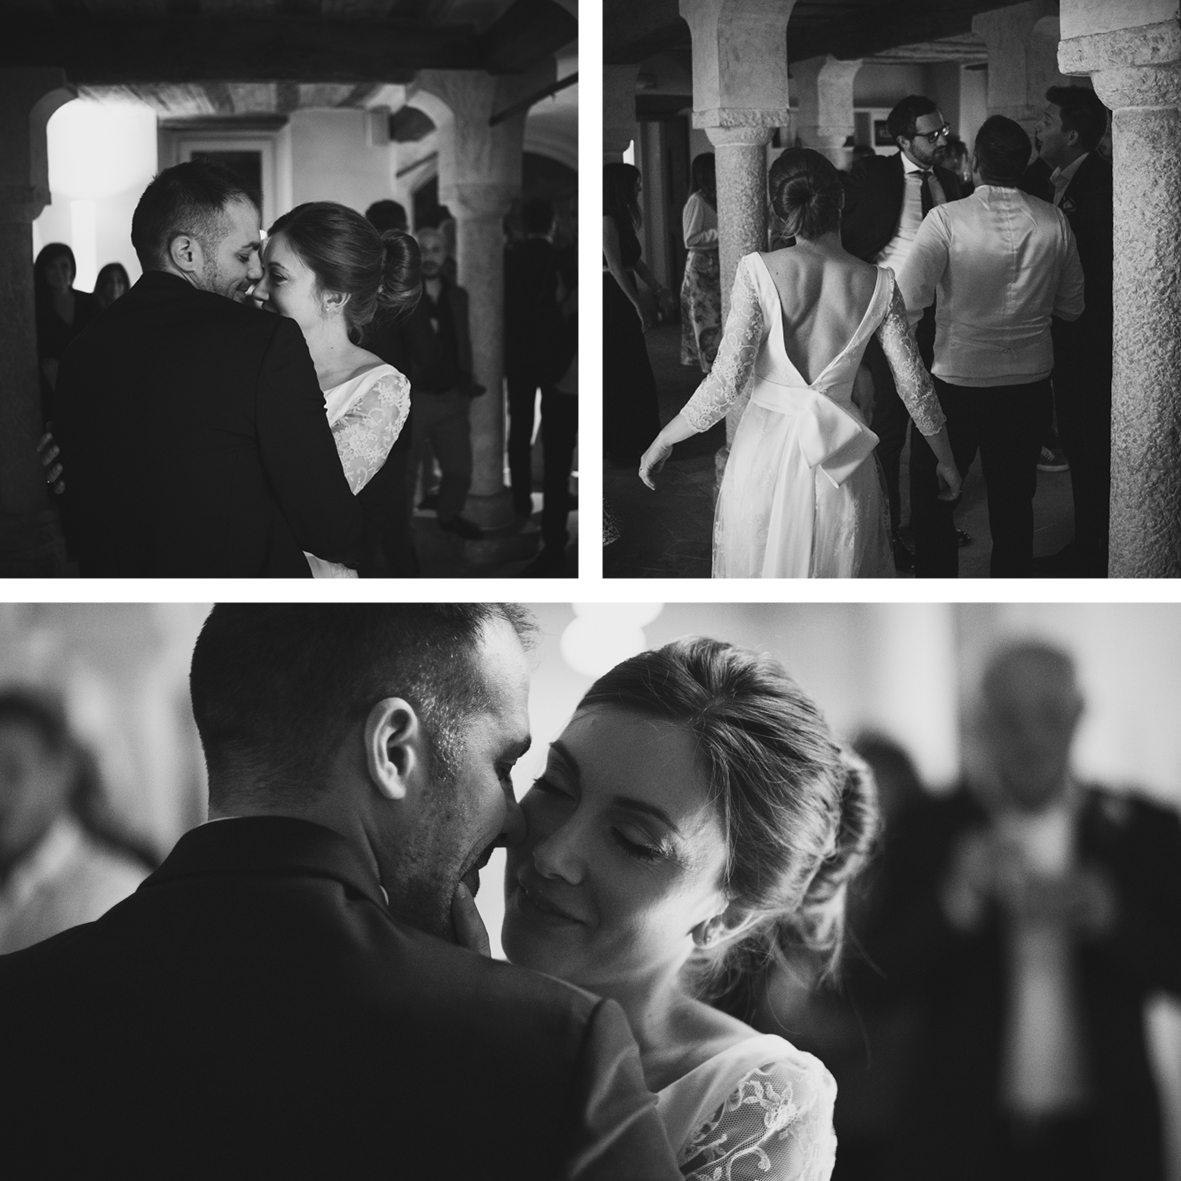 Fotografo matrimonio Brescia reportage di matrimonio Federico Rongaroli32